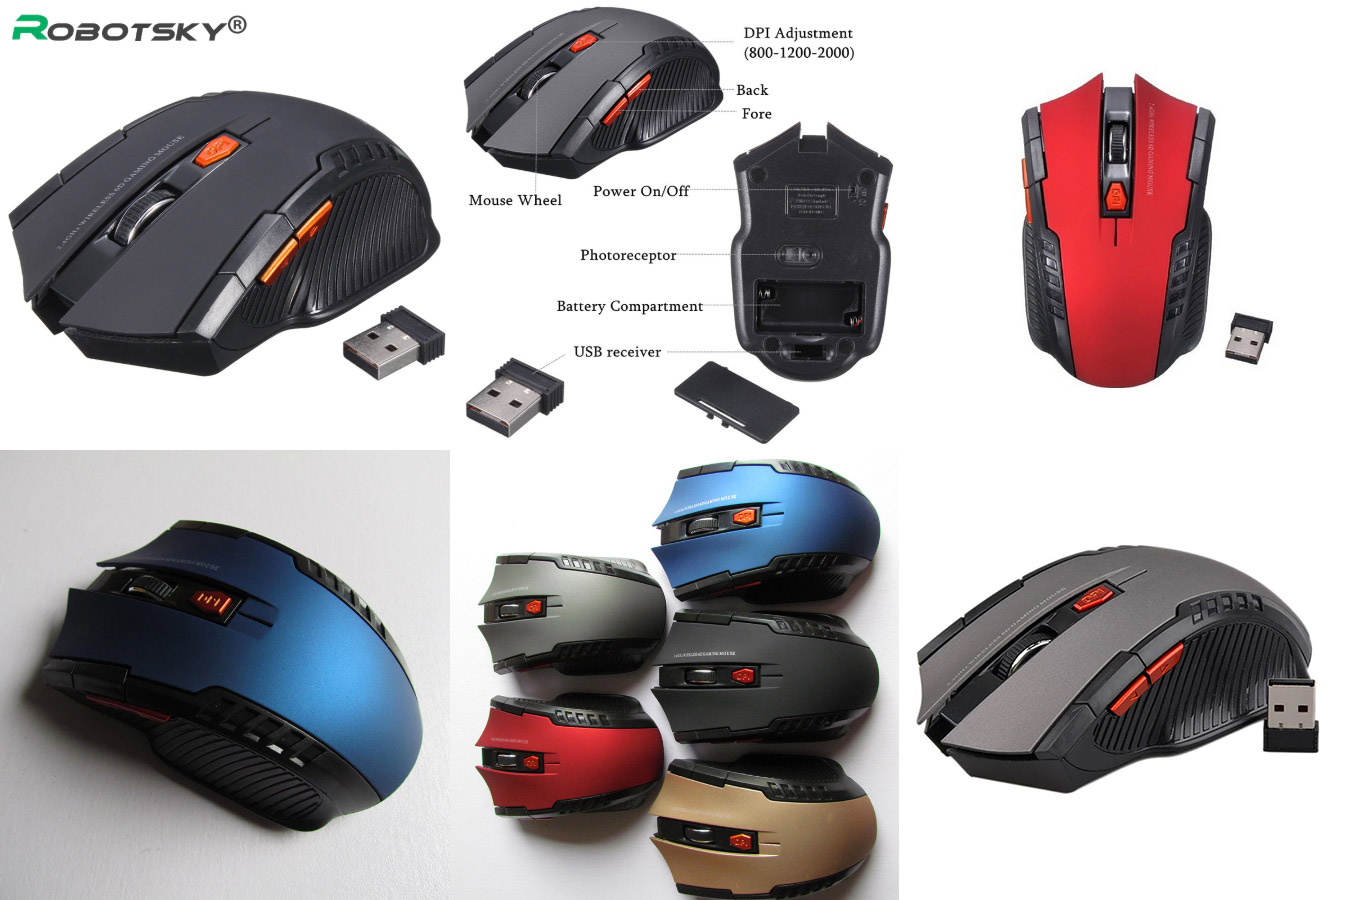 Недорогая мышка для начинающих геймеров Robotsky